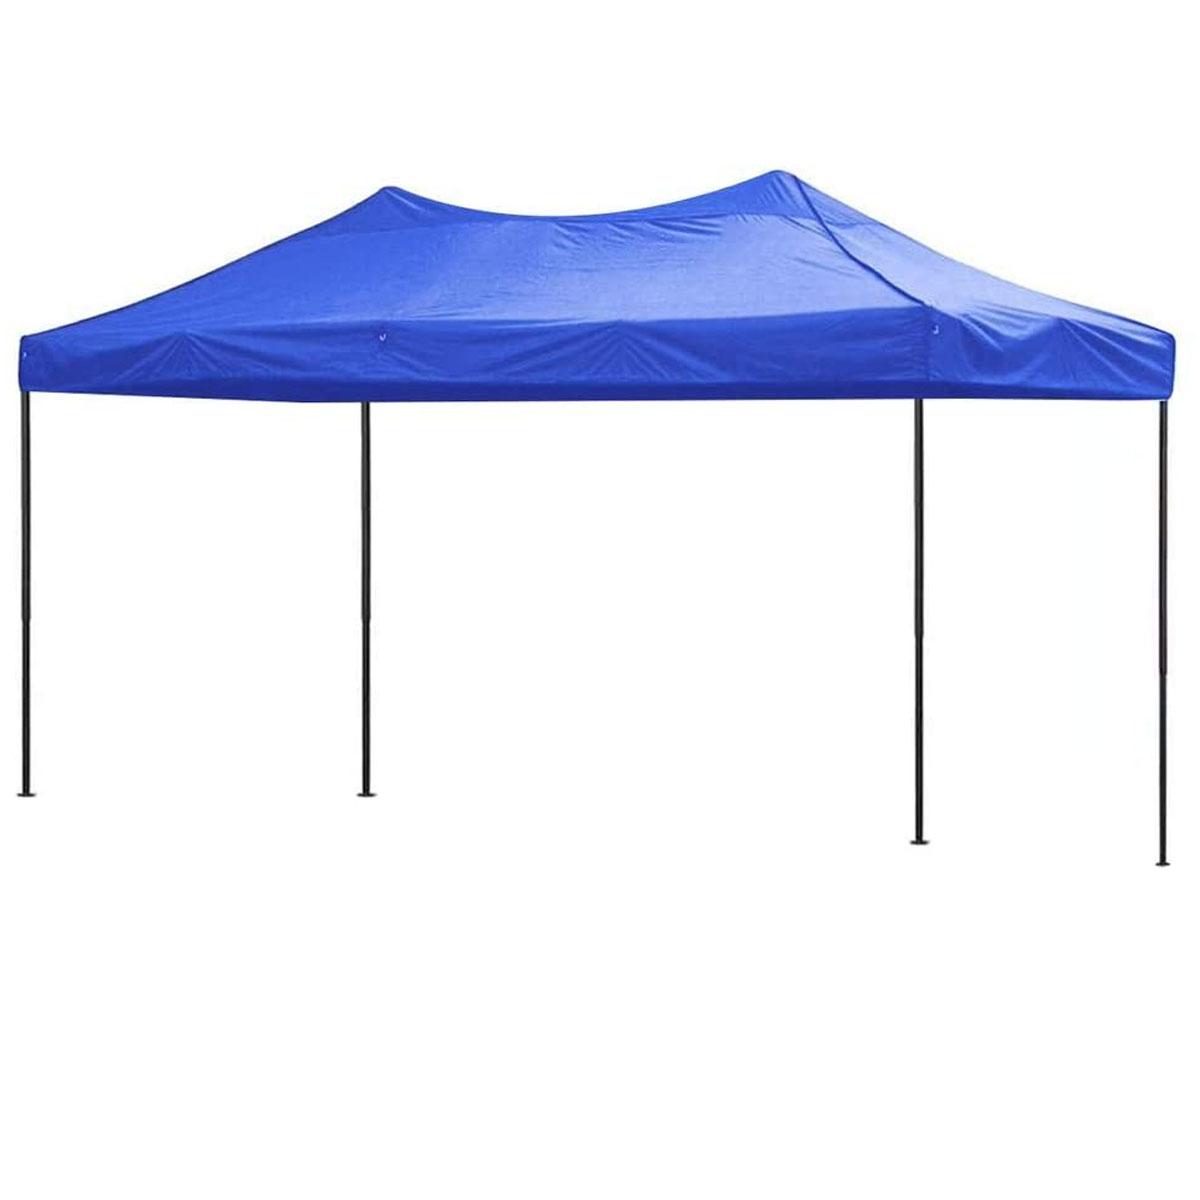 Toldo Carpa Impermeable Plegable Acero 3X4.5 M Azul Kingsman